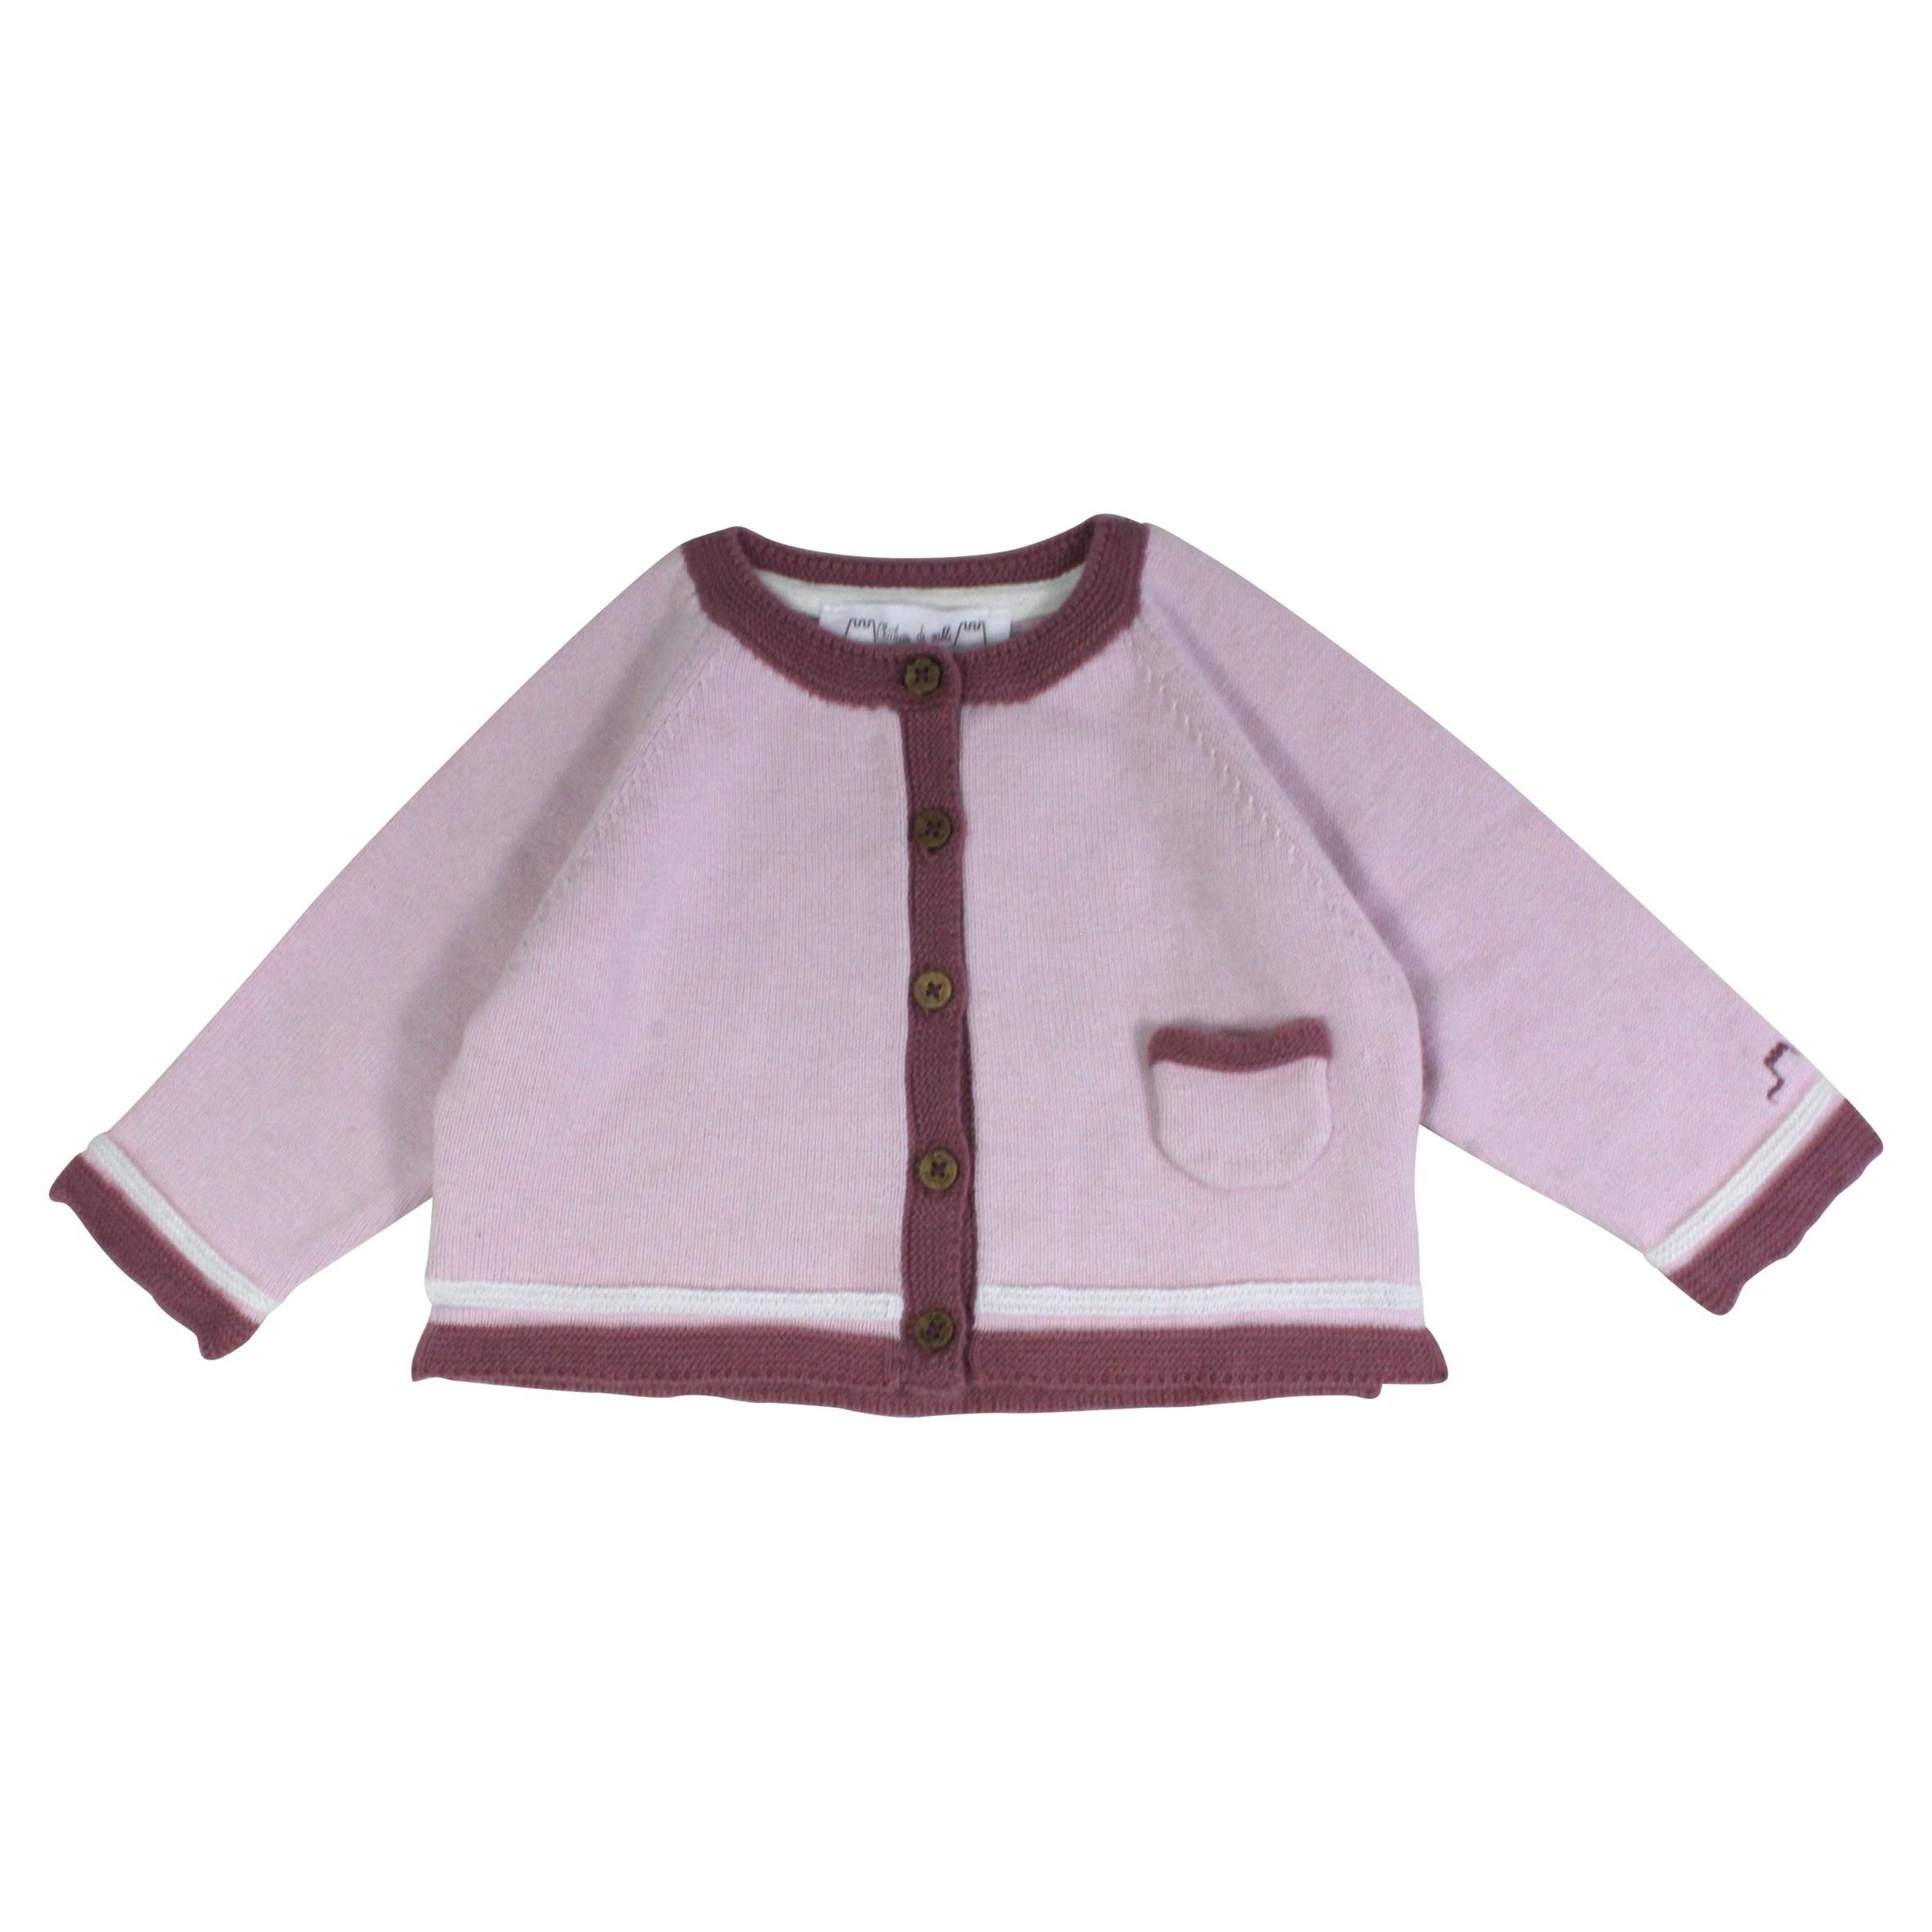 1b8f86f67 Girl Baby Cardigan